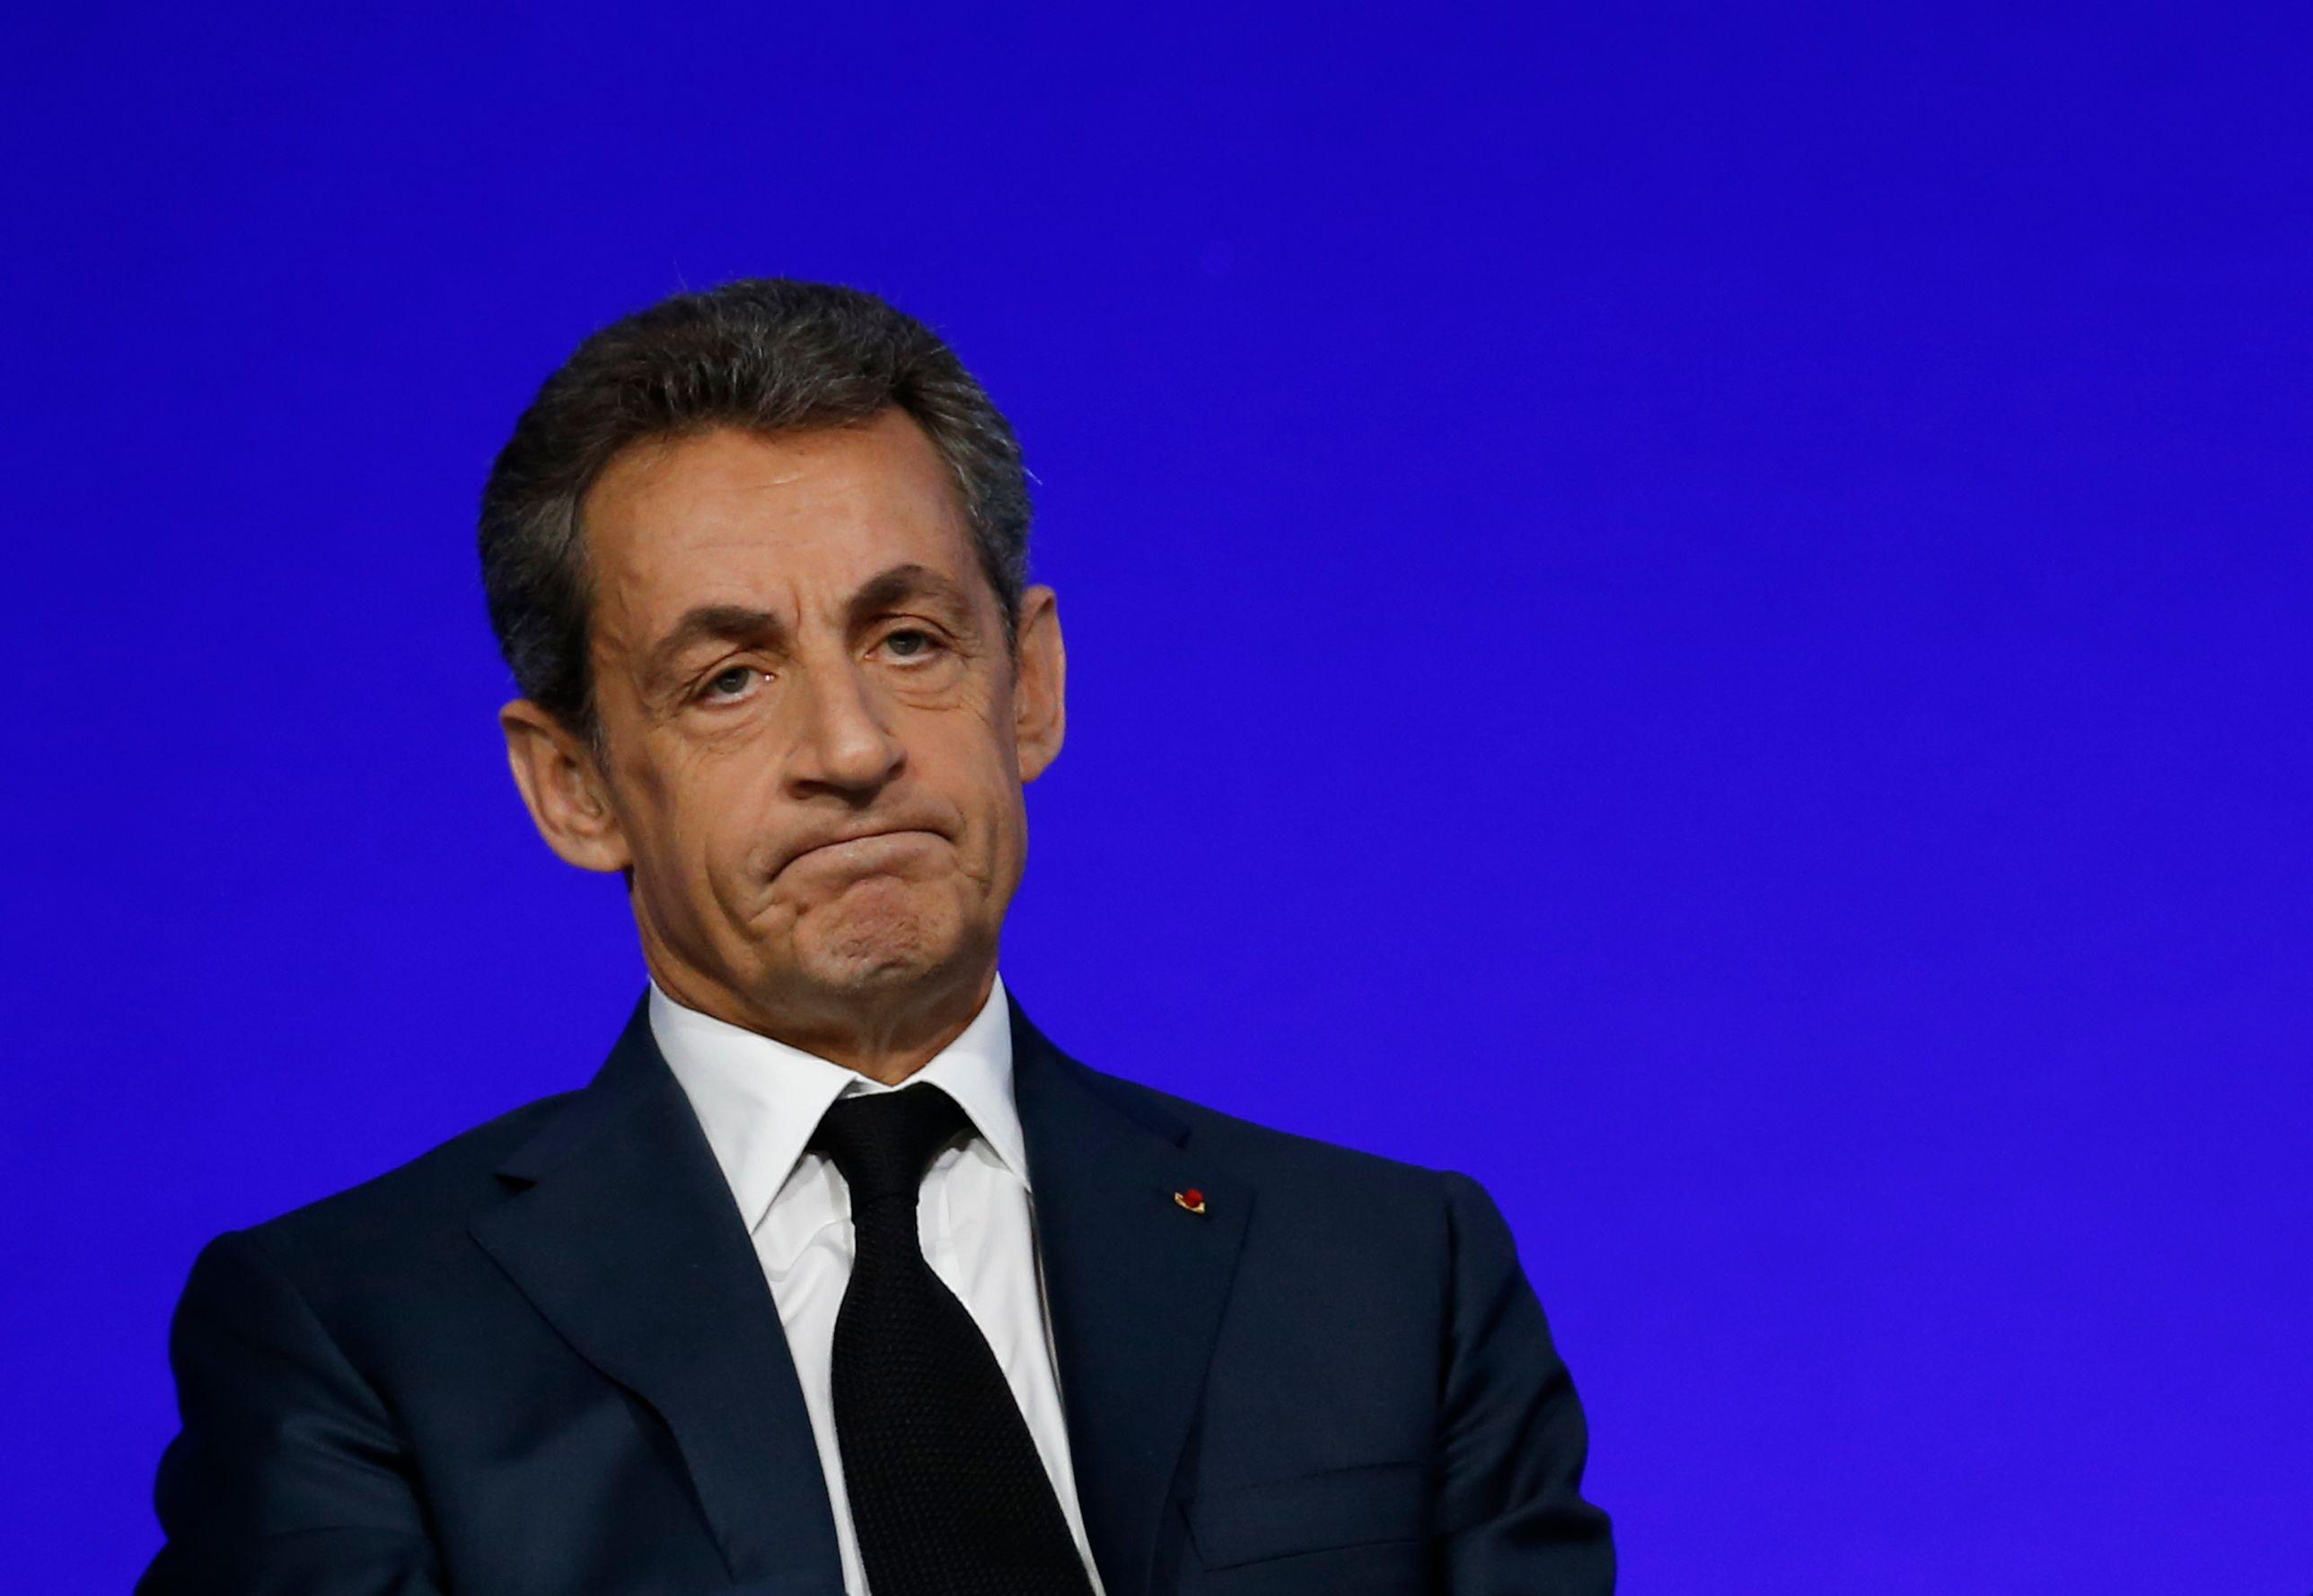 Pourquoi Nicolas Sarkozy ne gagnera probablement pas grand chose en déclarant qu'il voterait Hollande contre Le Pen